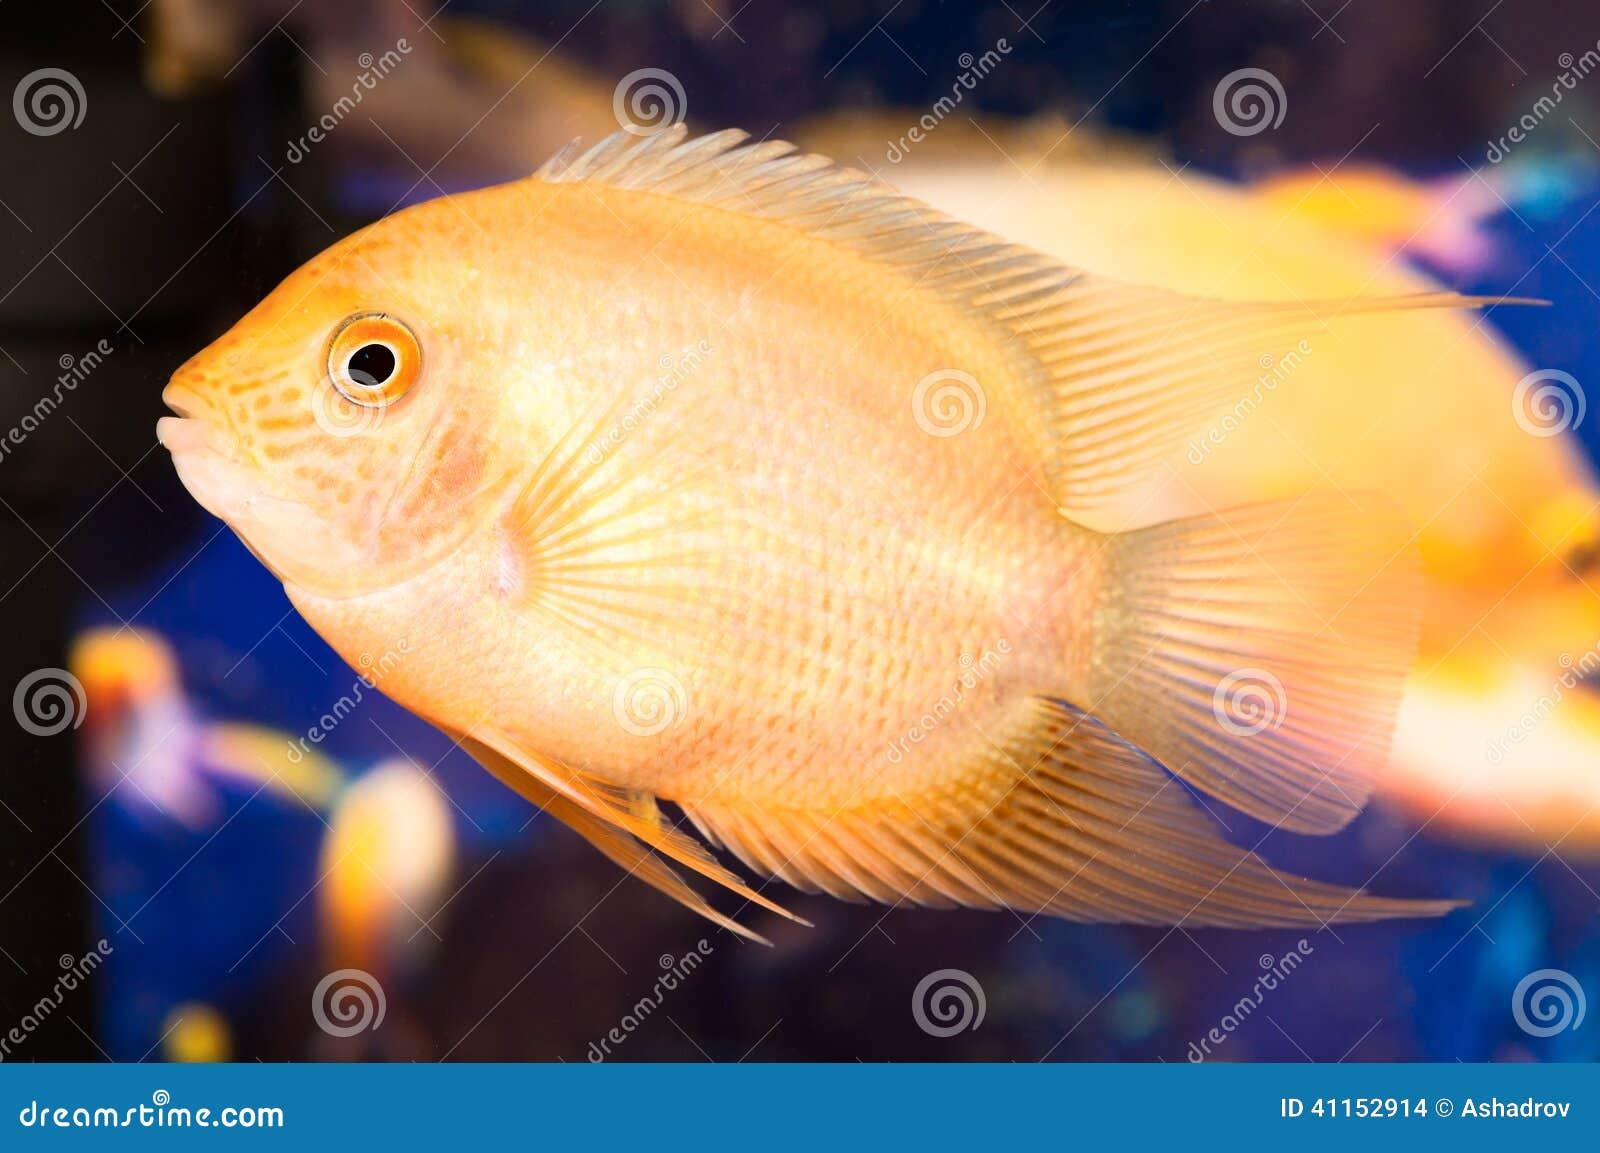 Aquarian Small Fish Stock Photo Image 41152914